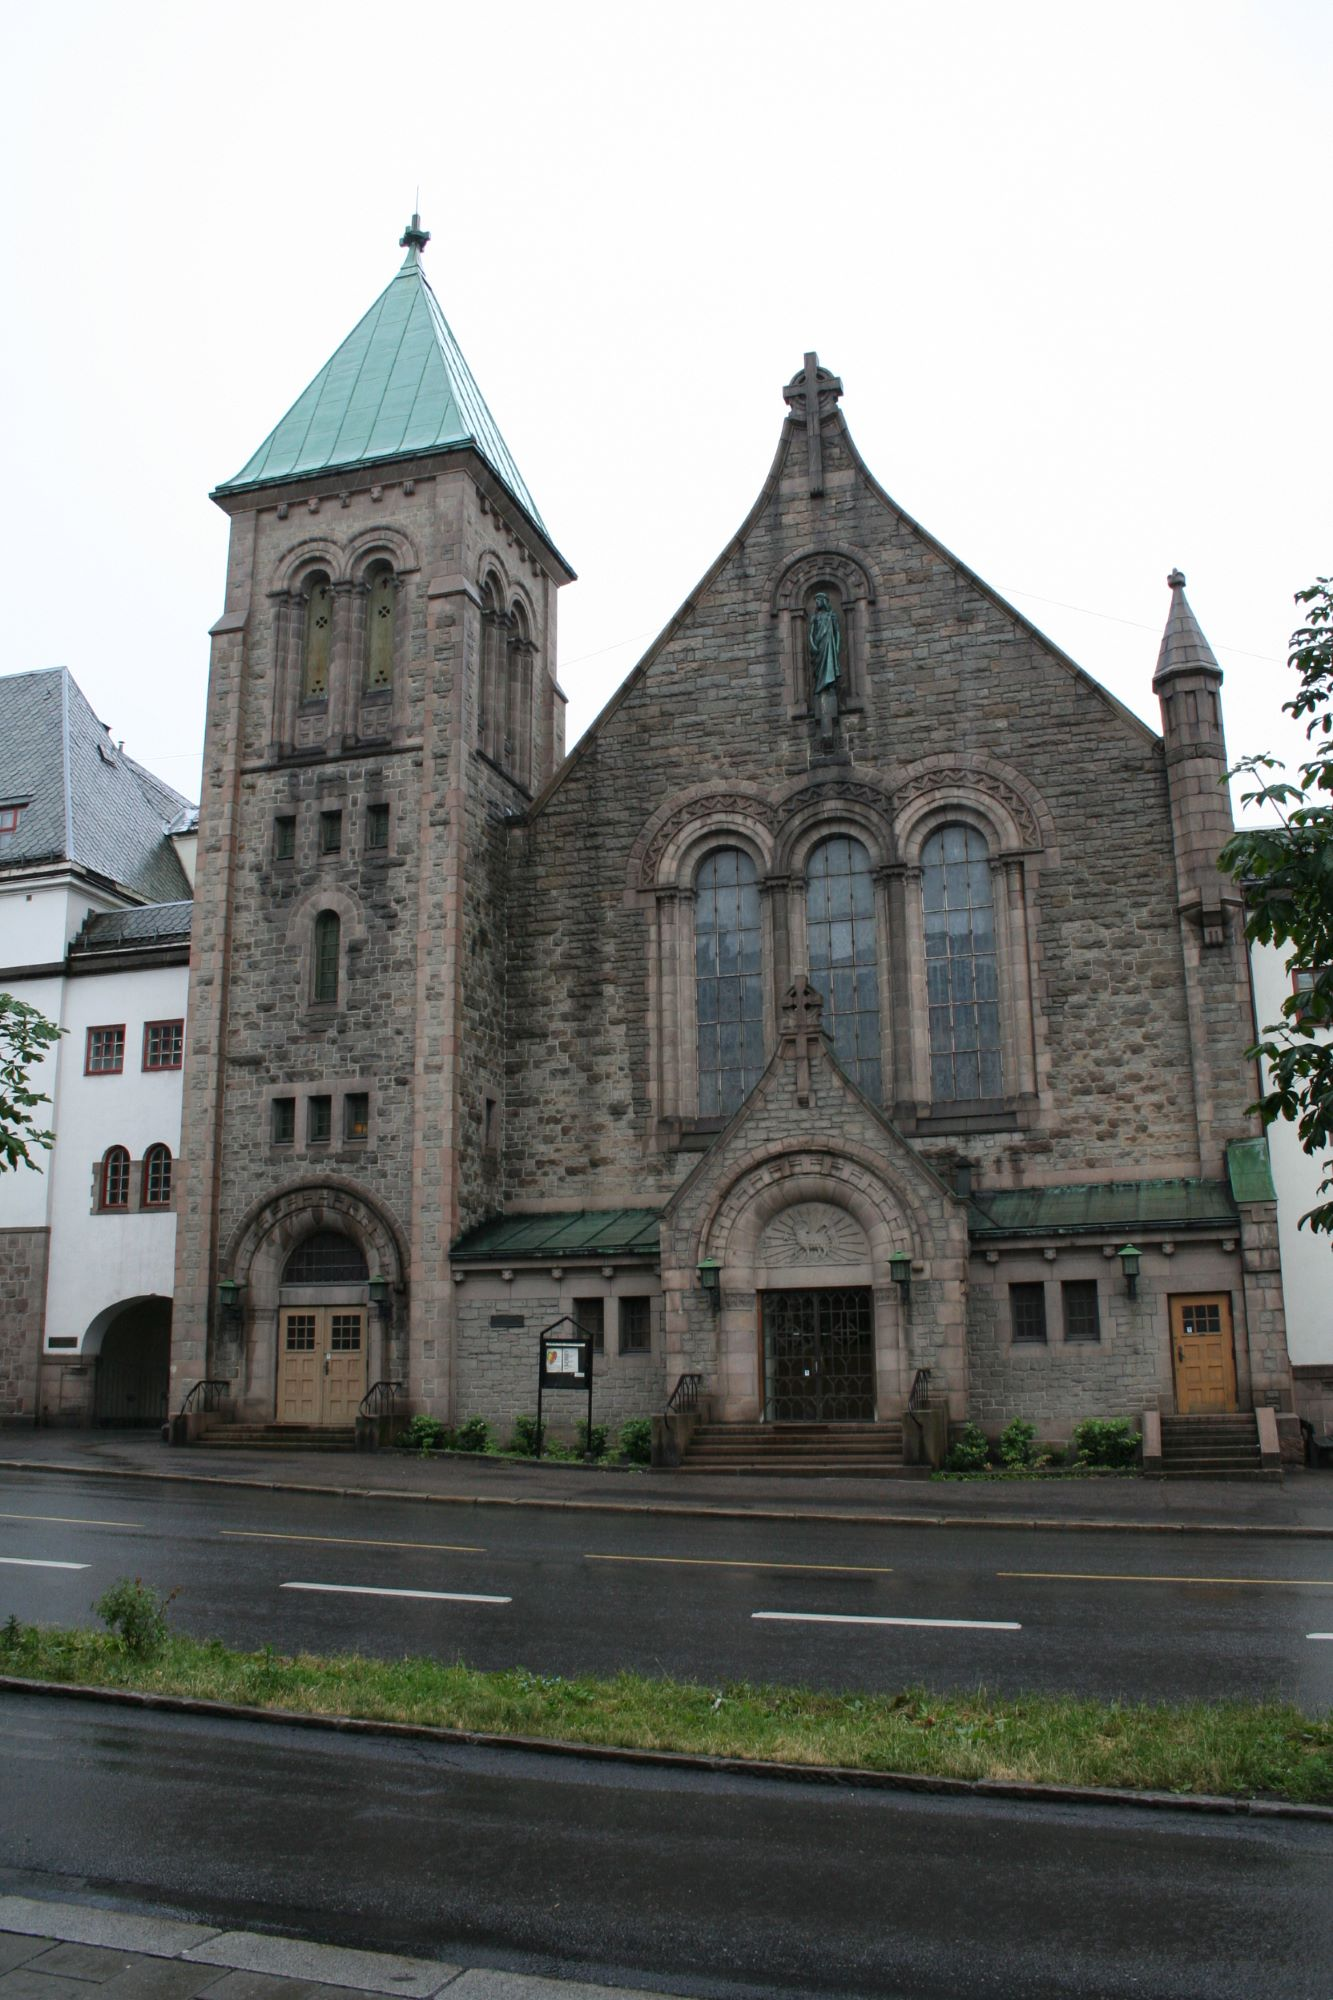 frogner kirke kart Søkeresultat   Kirkelig fellesråd i Oslo frogner kirke kart